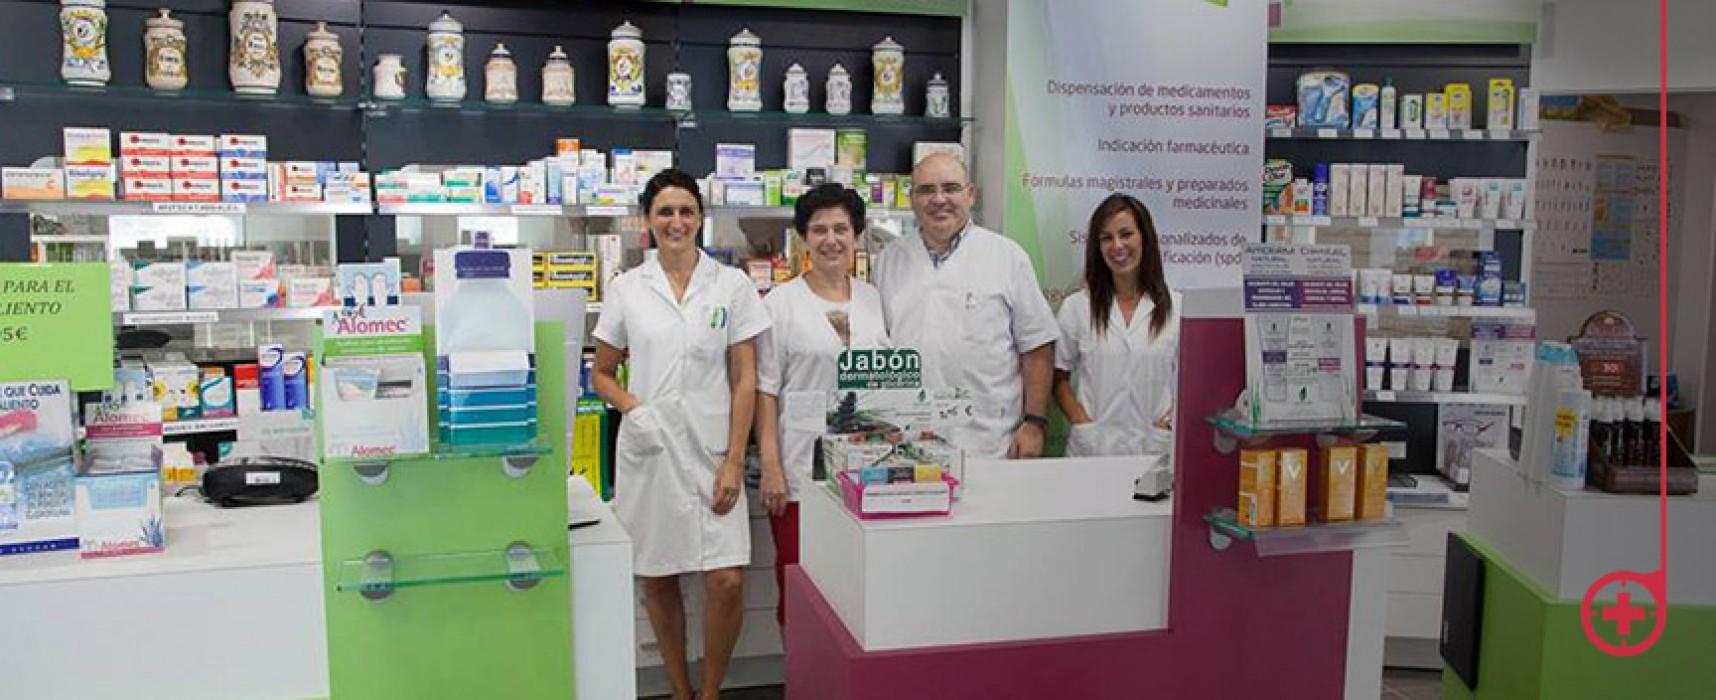 La Farmacia llega a buen puerto